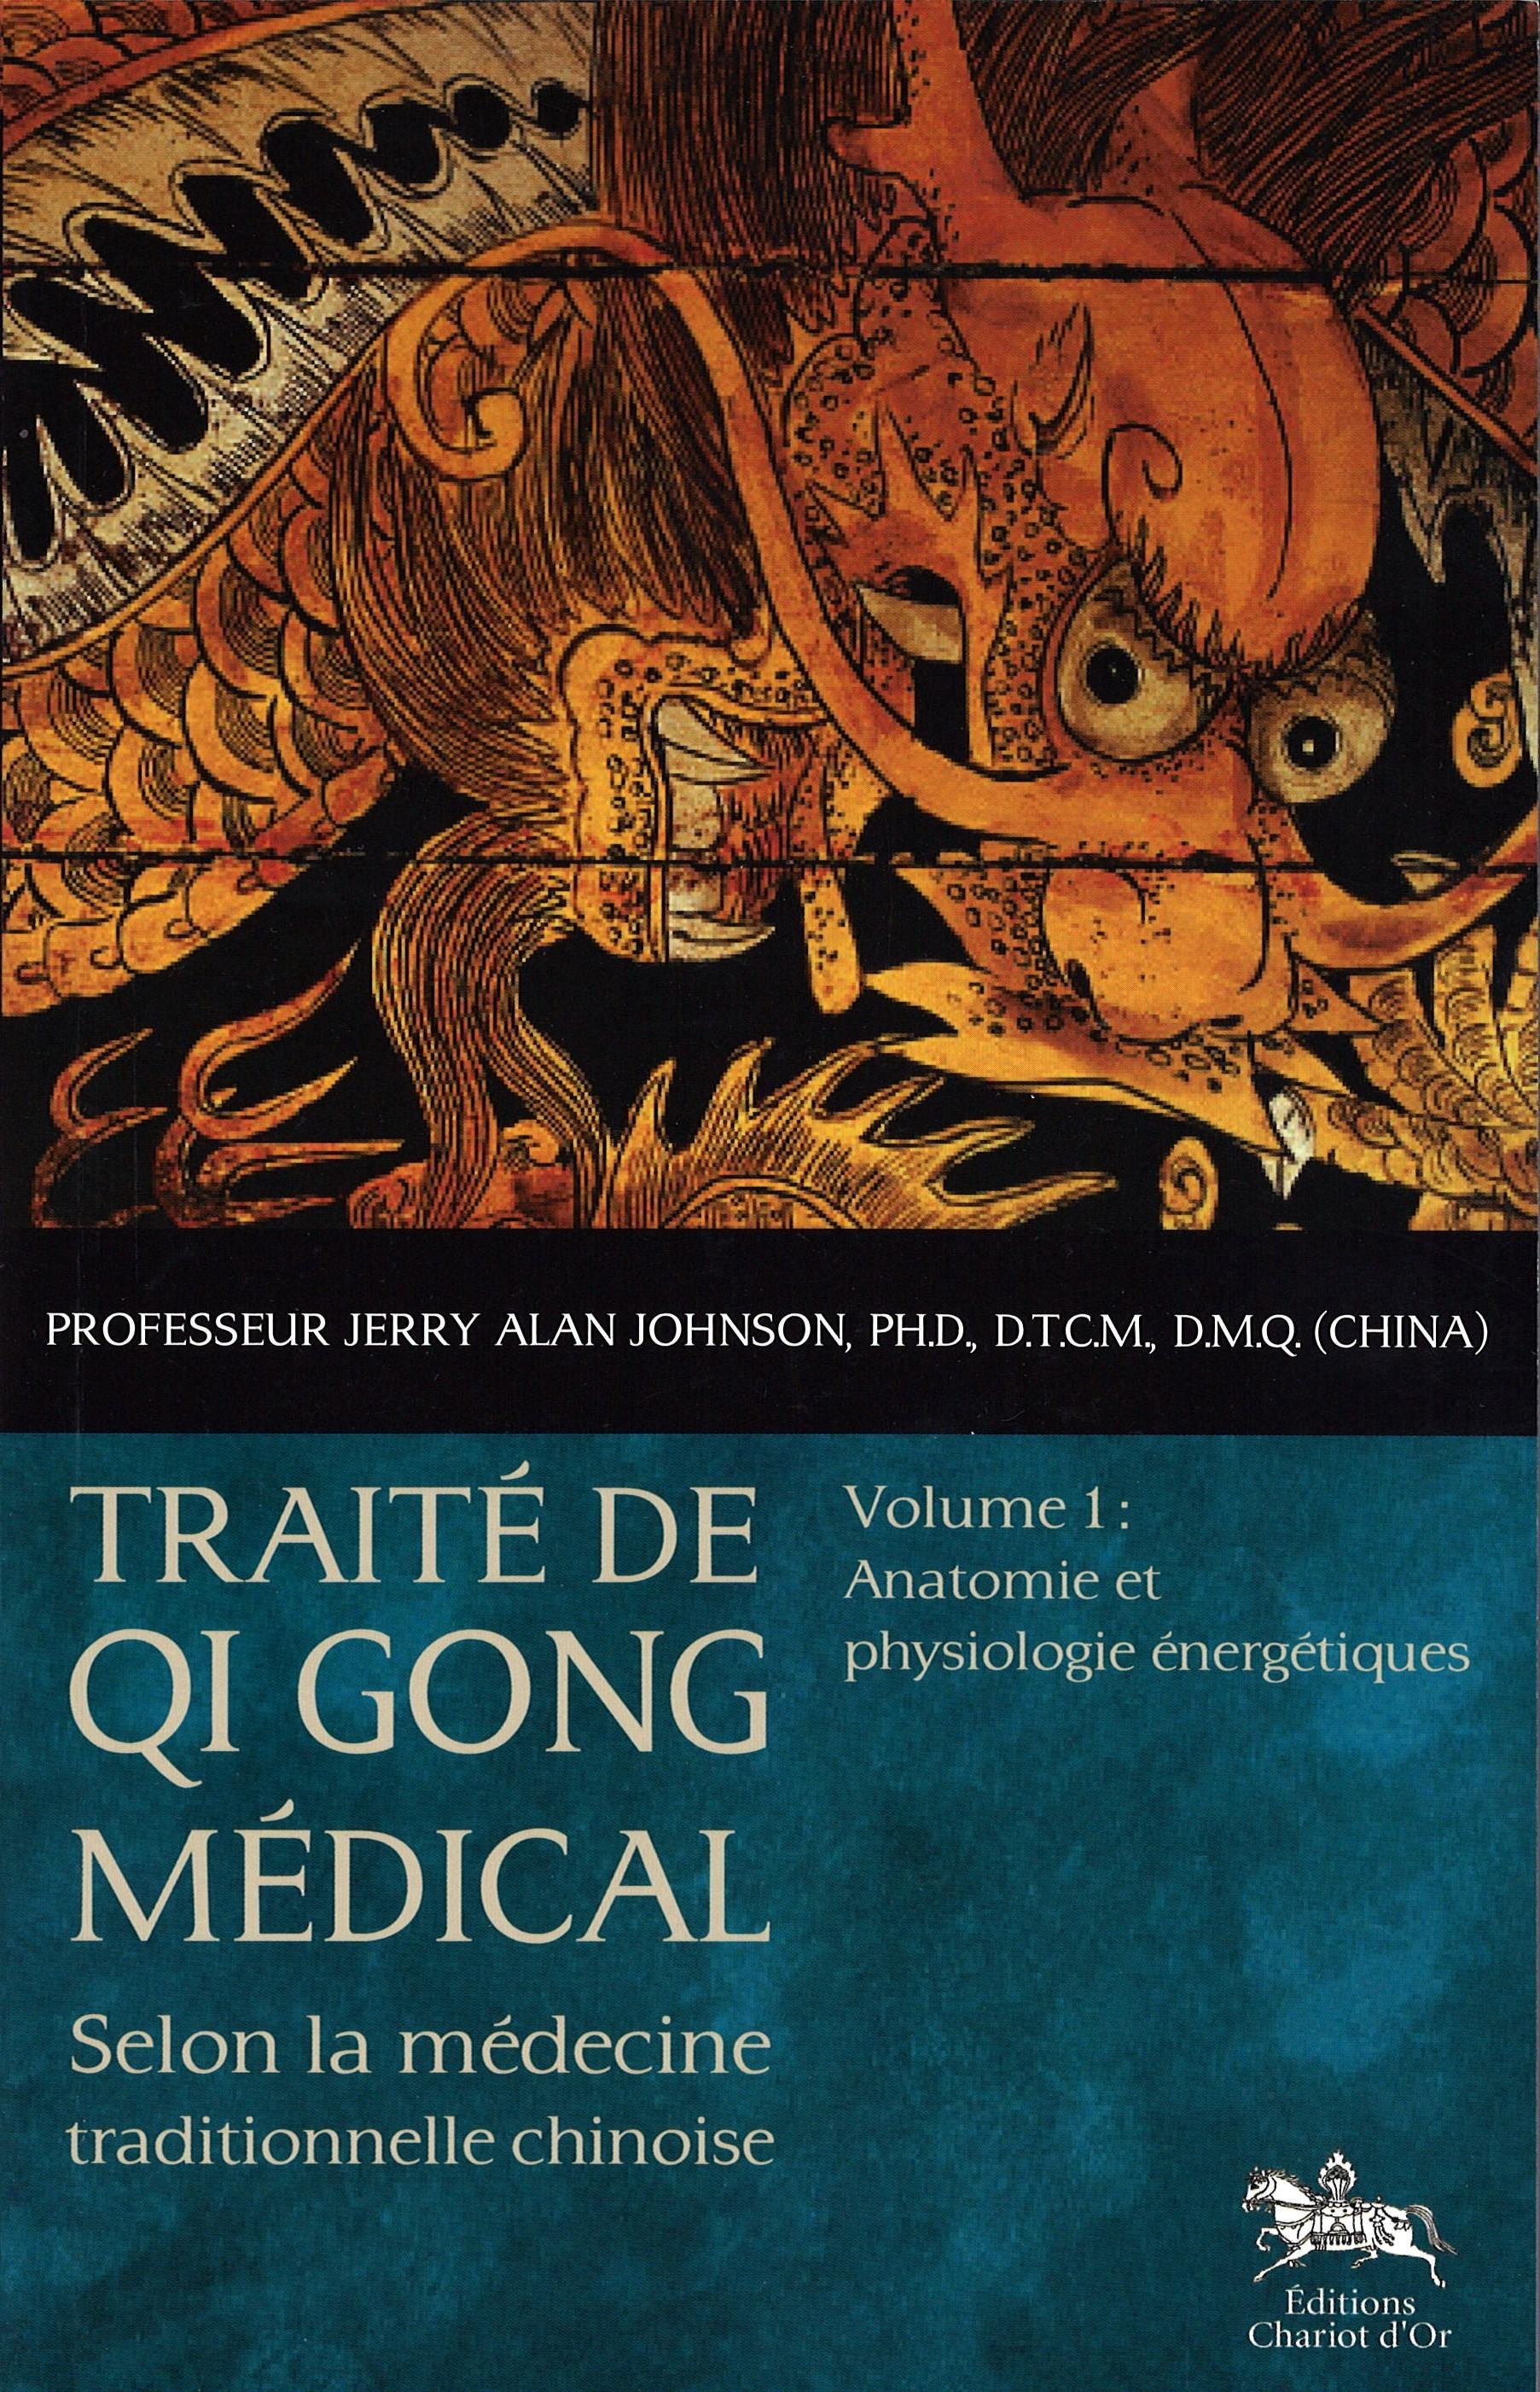 Traité de Qi gong médical - Volume 1 : Anatomie et physiologie